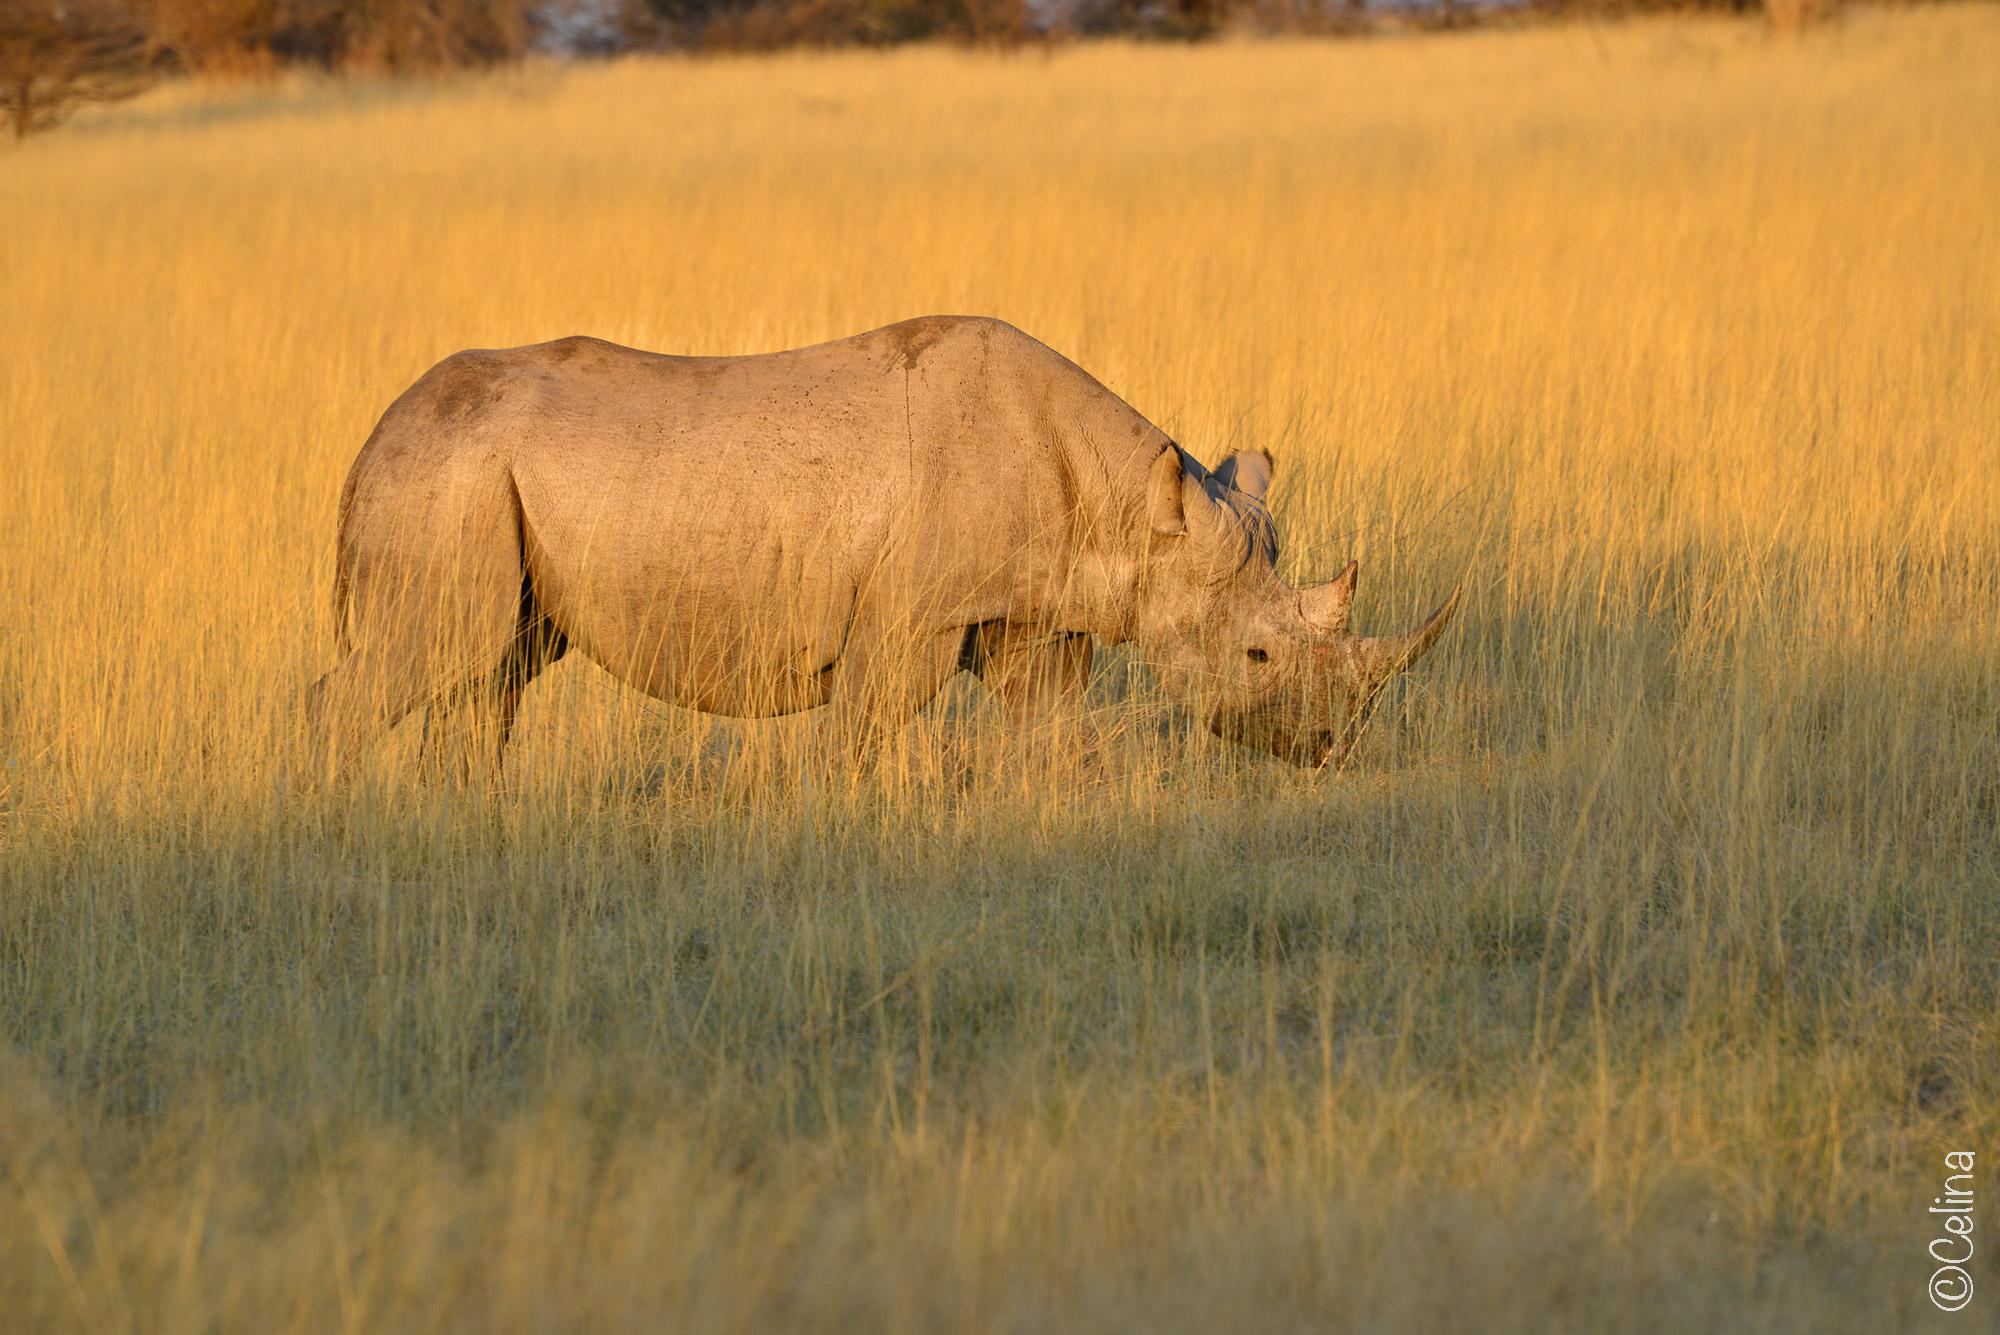 Rhino-Etosha-National-Park